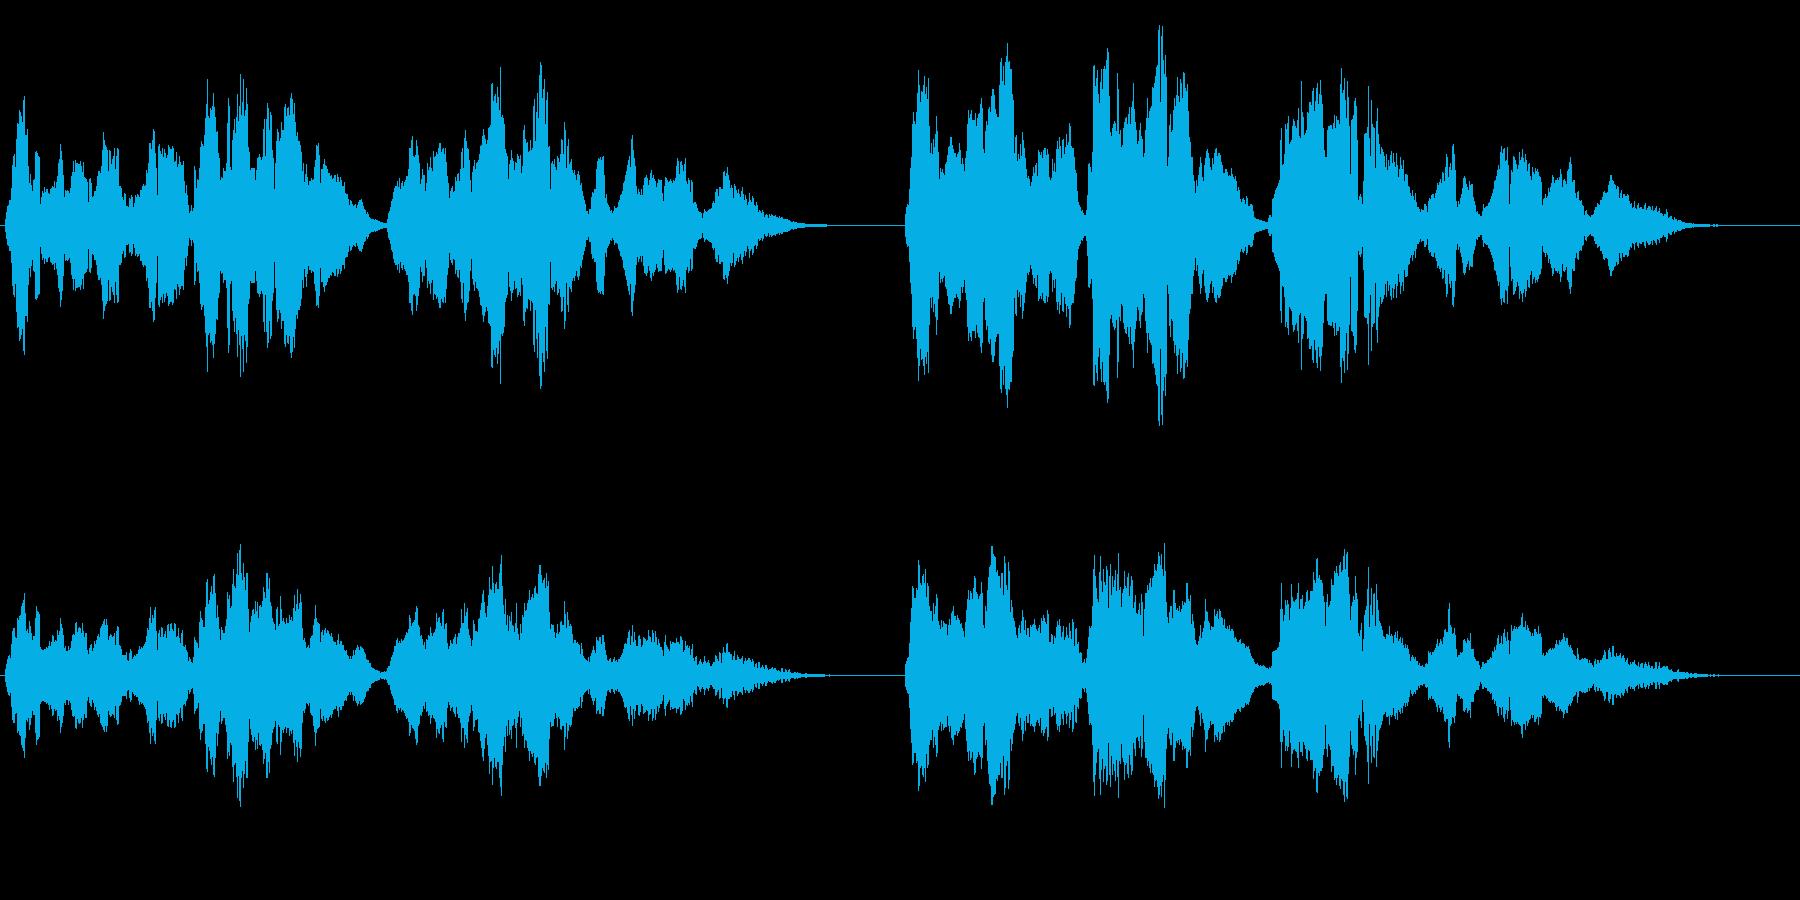 夏の星空・感動的なバイオリン演奏・独奏版の再生済みの波形